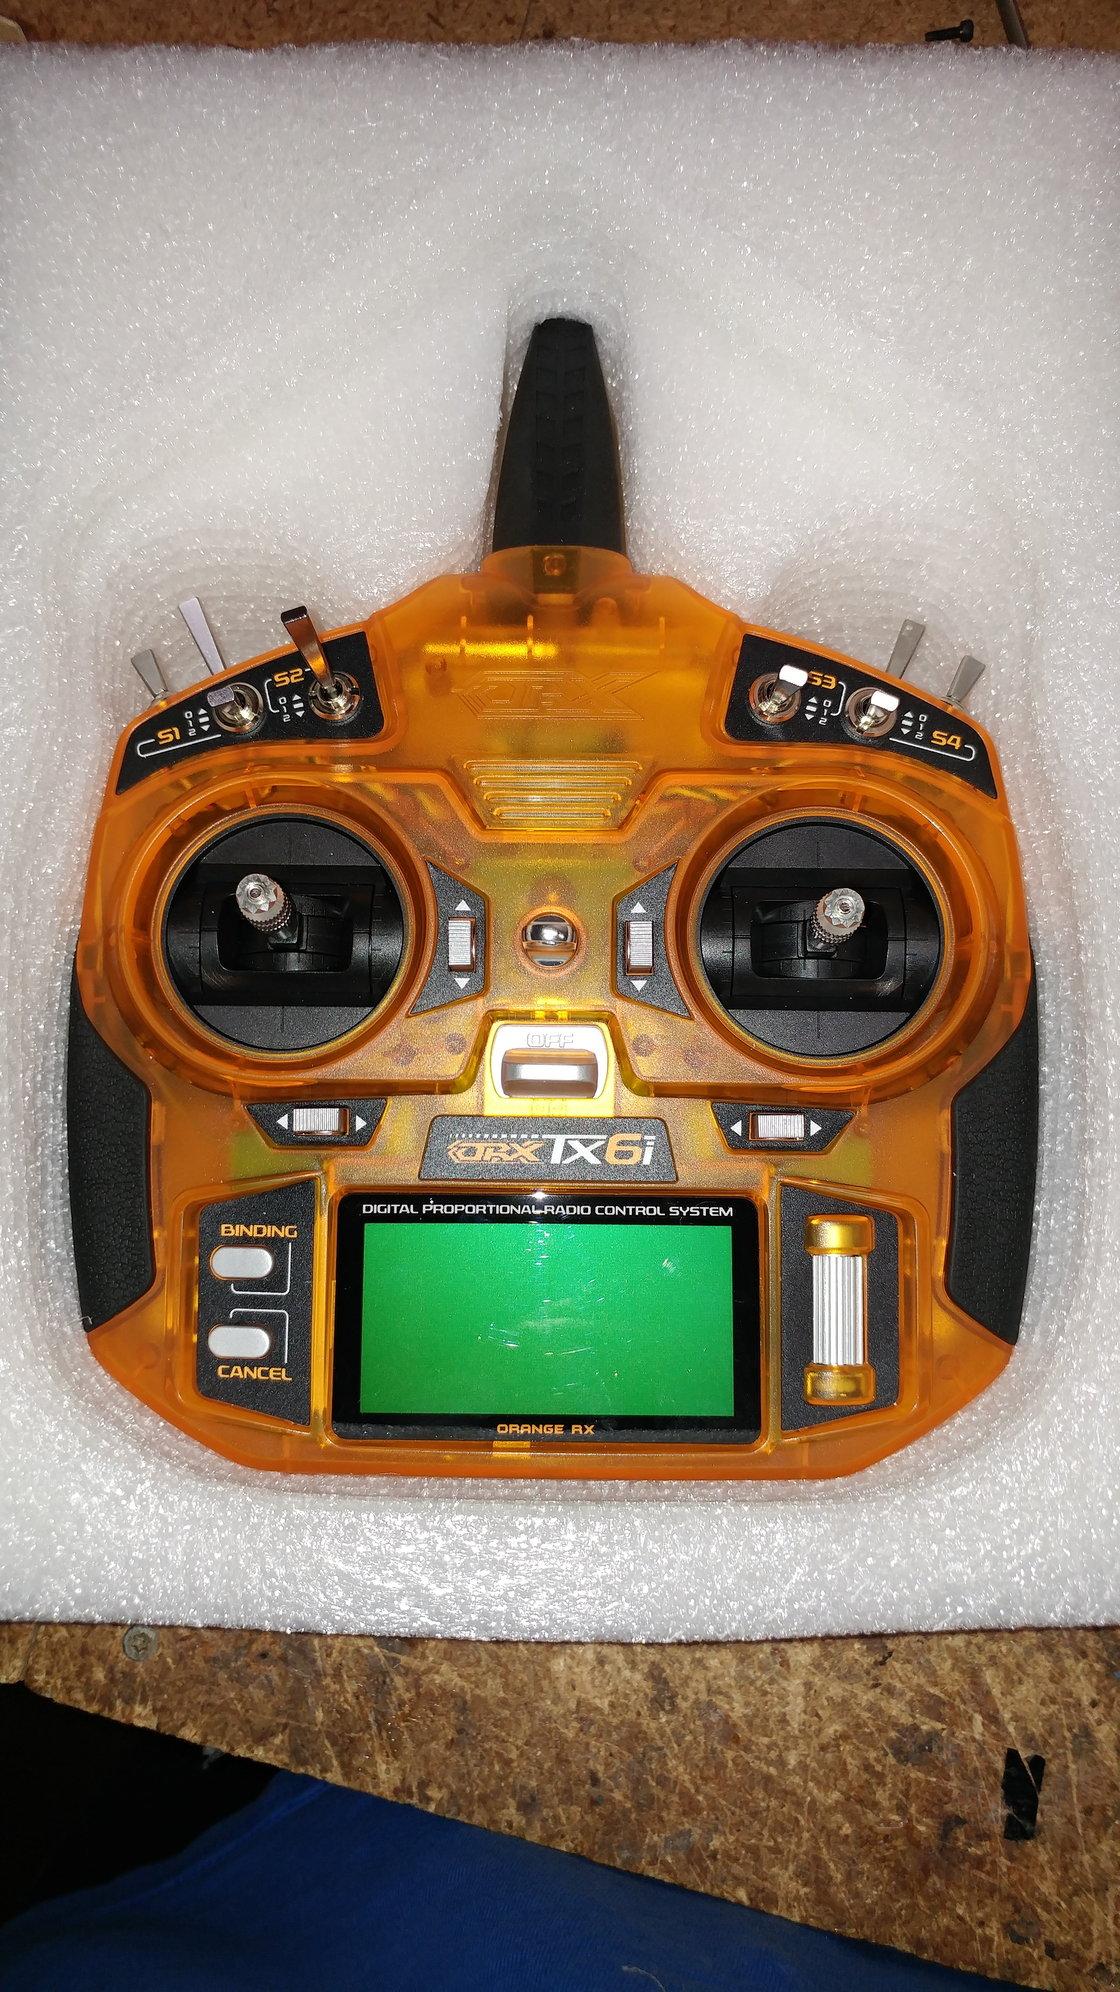 OrangeRx Tx6i Full Range 2 4GHz DSM2/DSMX Transmitter - RCU Forums